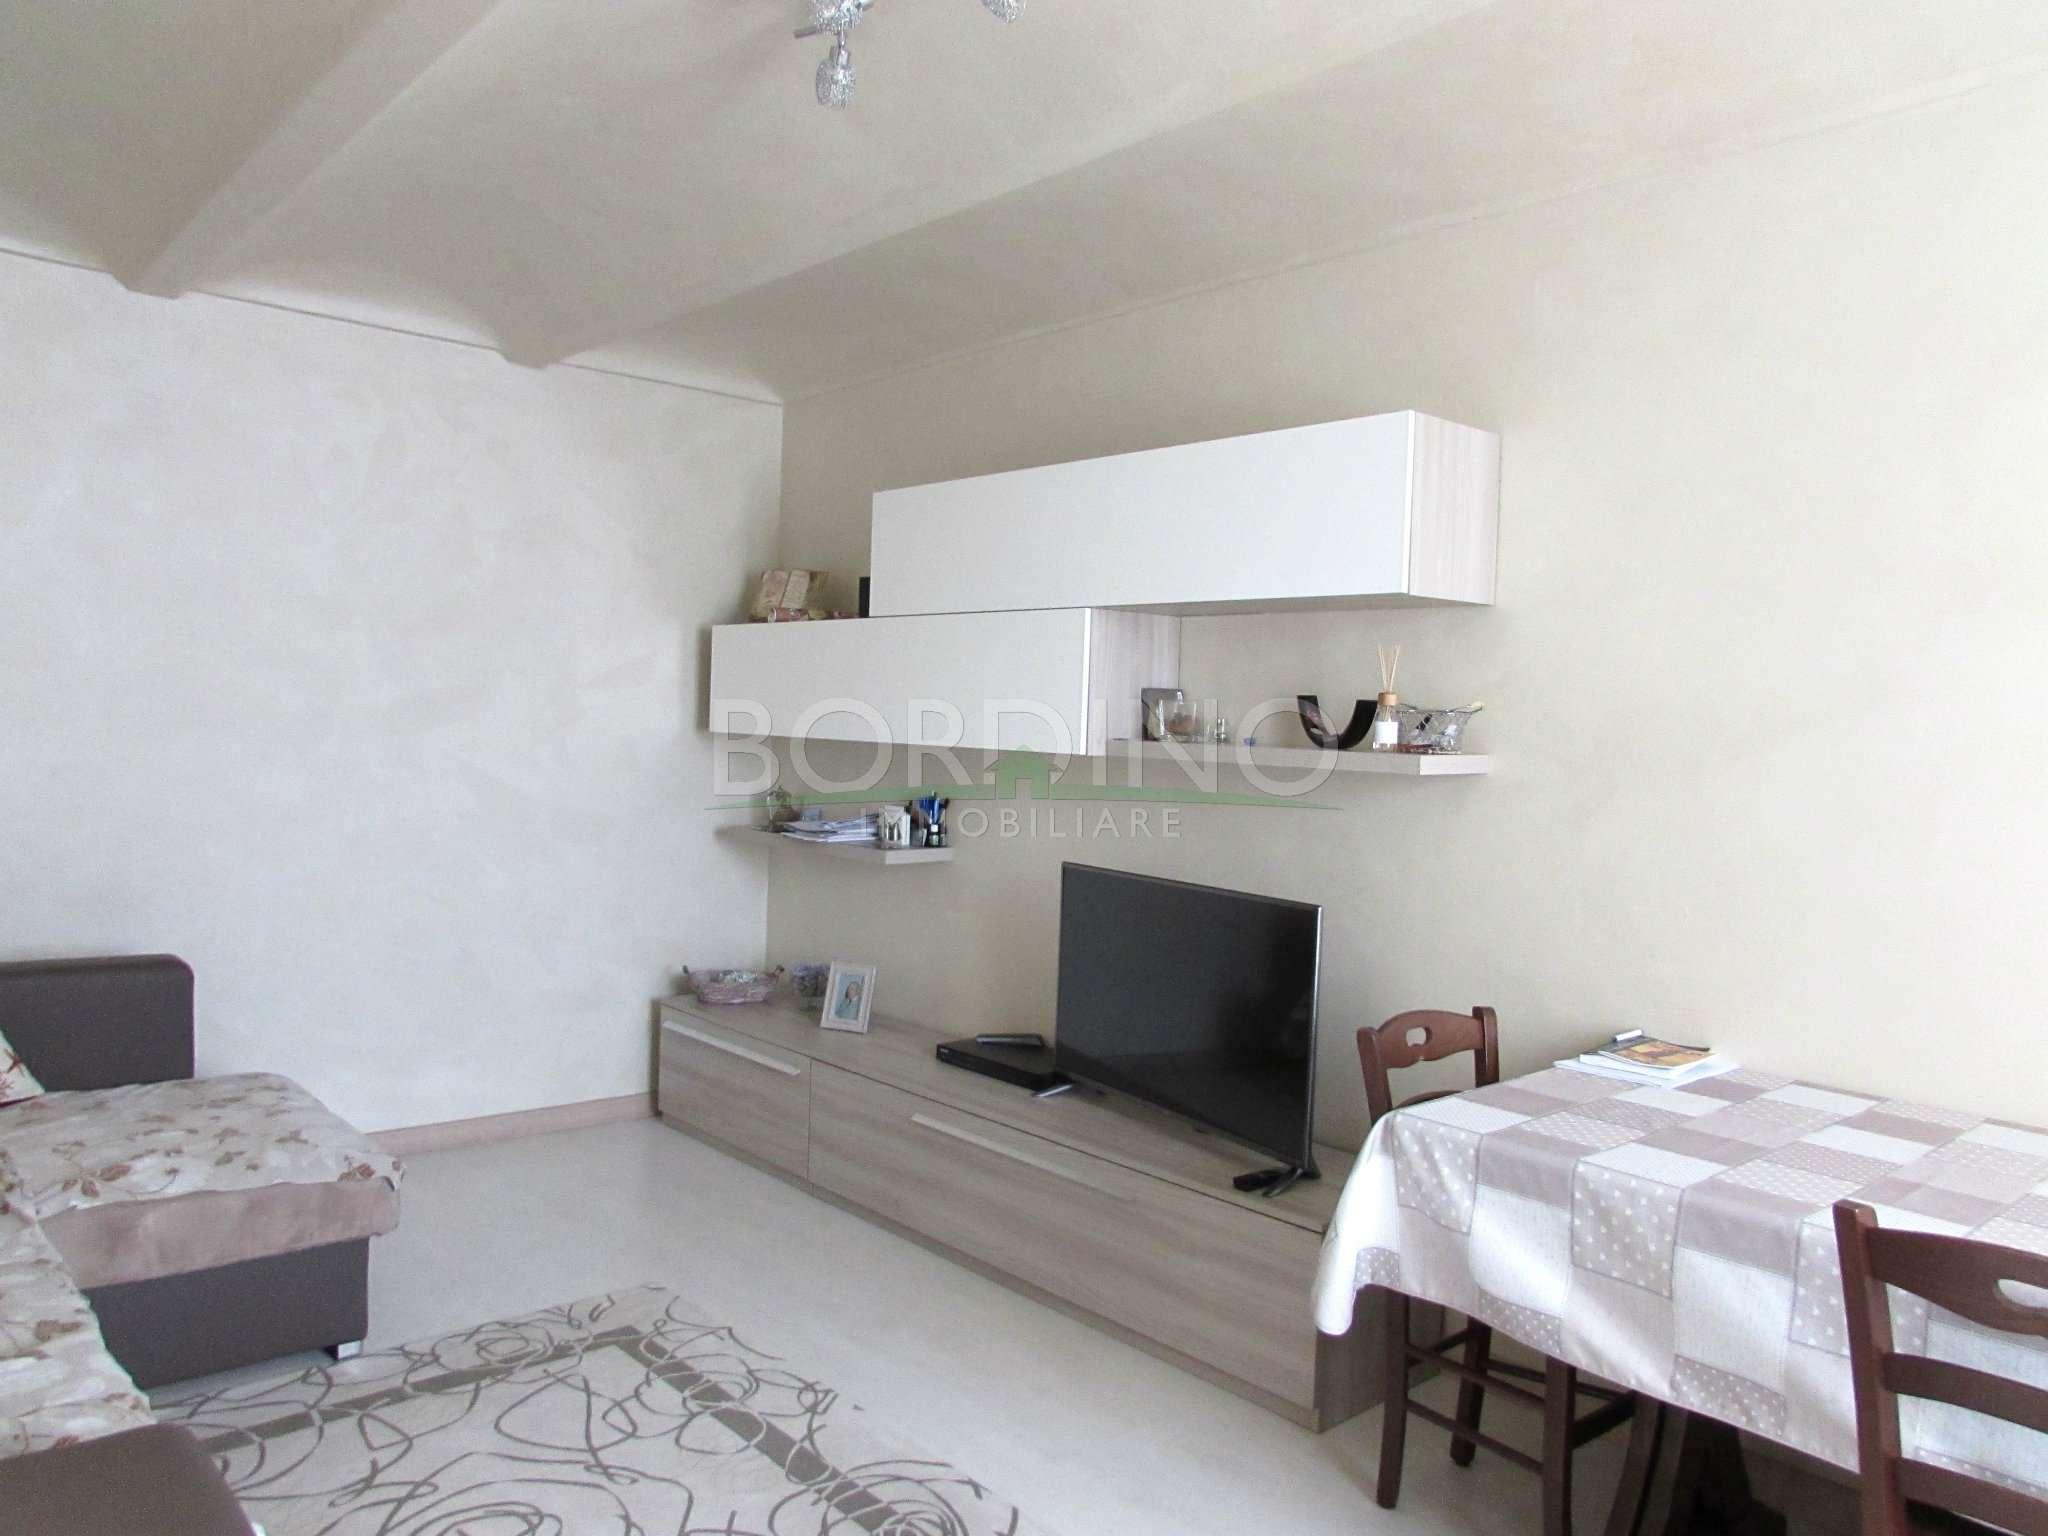 Soluzione Indipendente in vendita a Magliano Alfieri, 4 locali, prezzo € 180.000 | CambioCasa.it